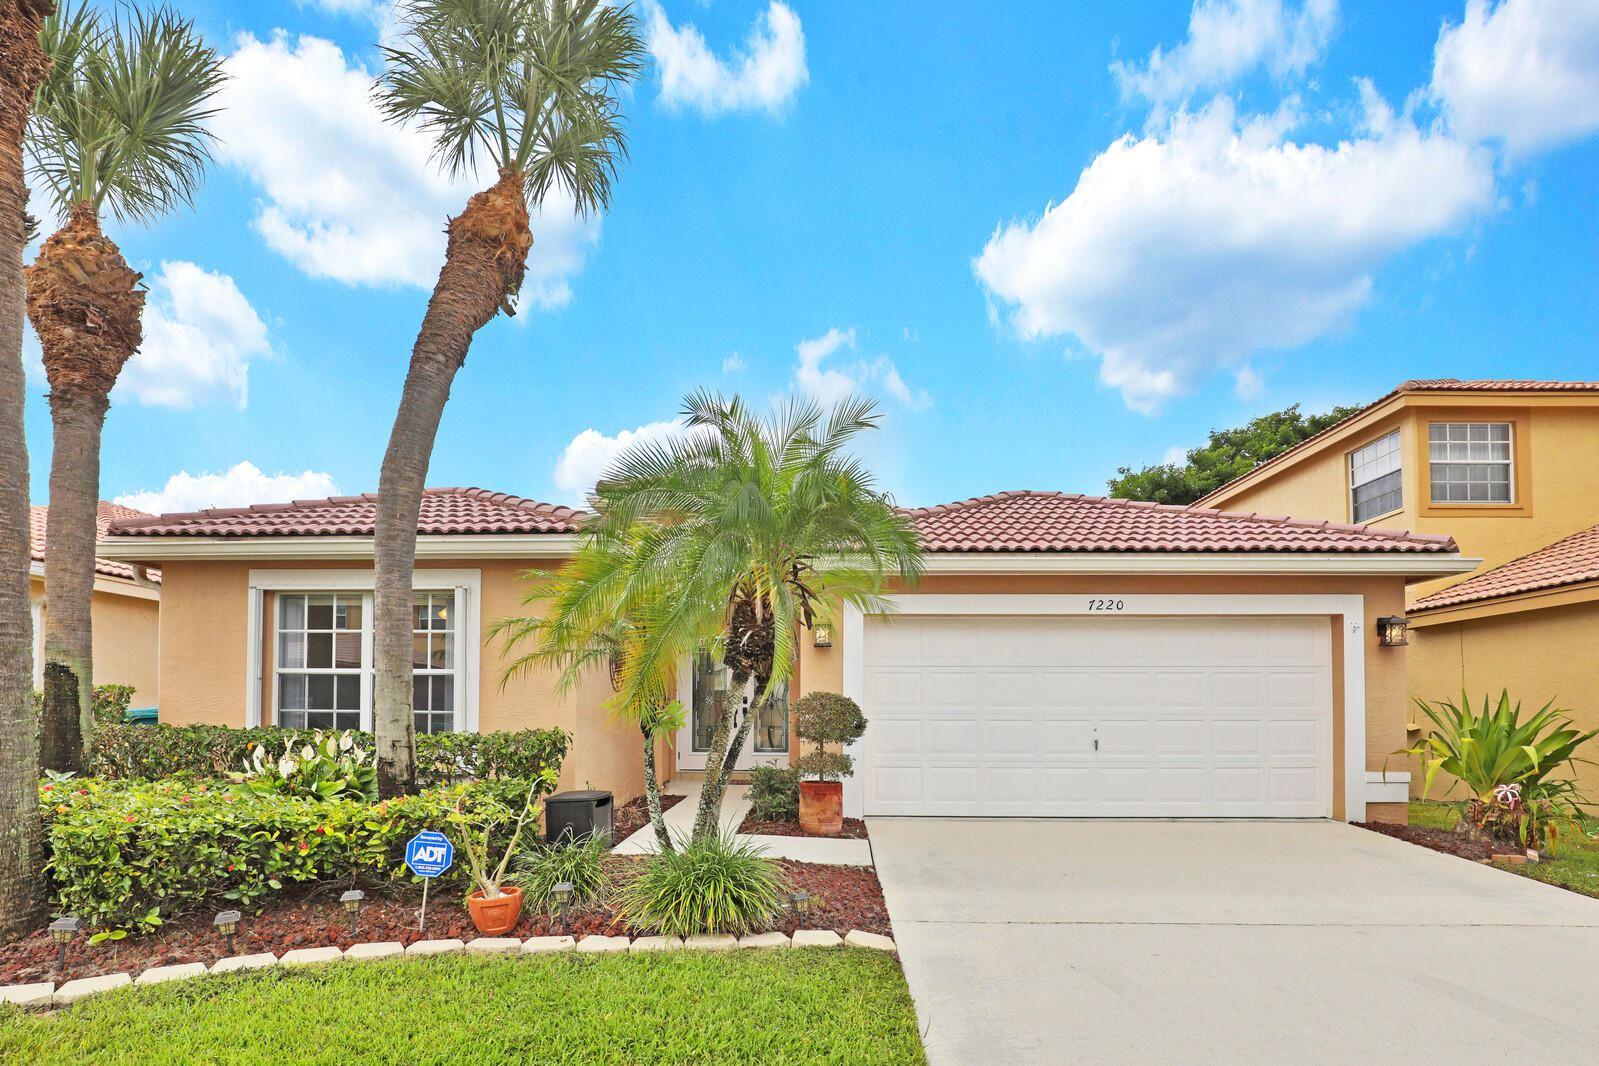 7220 Chesapeake Circle, Boynton Beach, FL 33436 - MLS#: RX-10733025